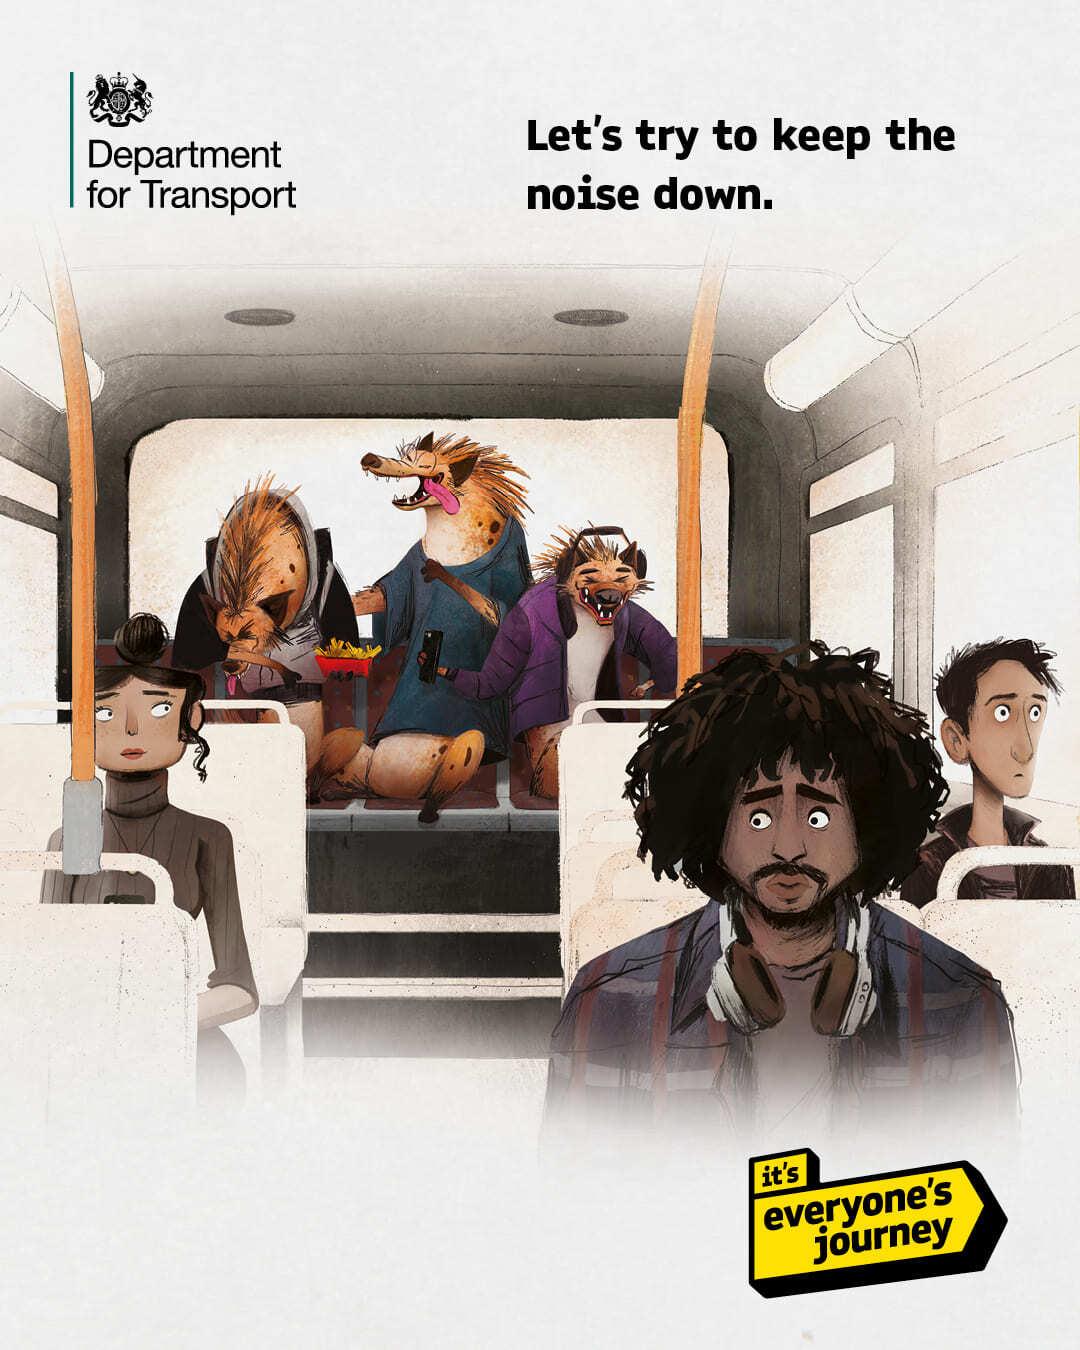 Campanha do Departamento de Transporte da Inglaterra